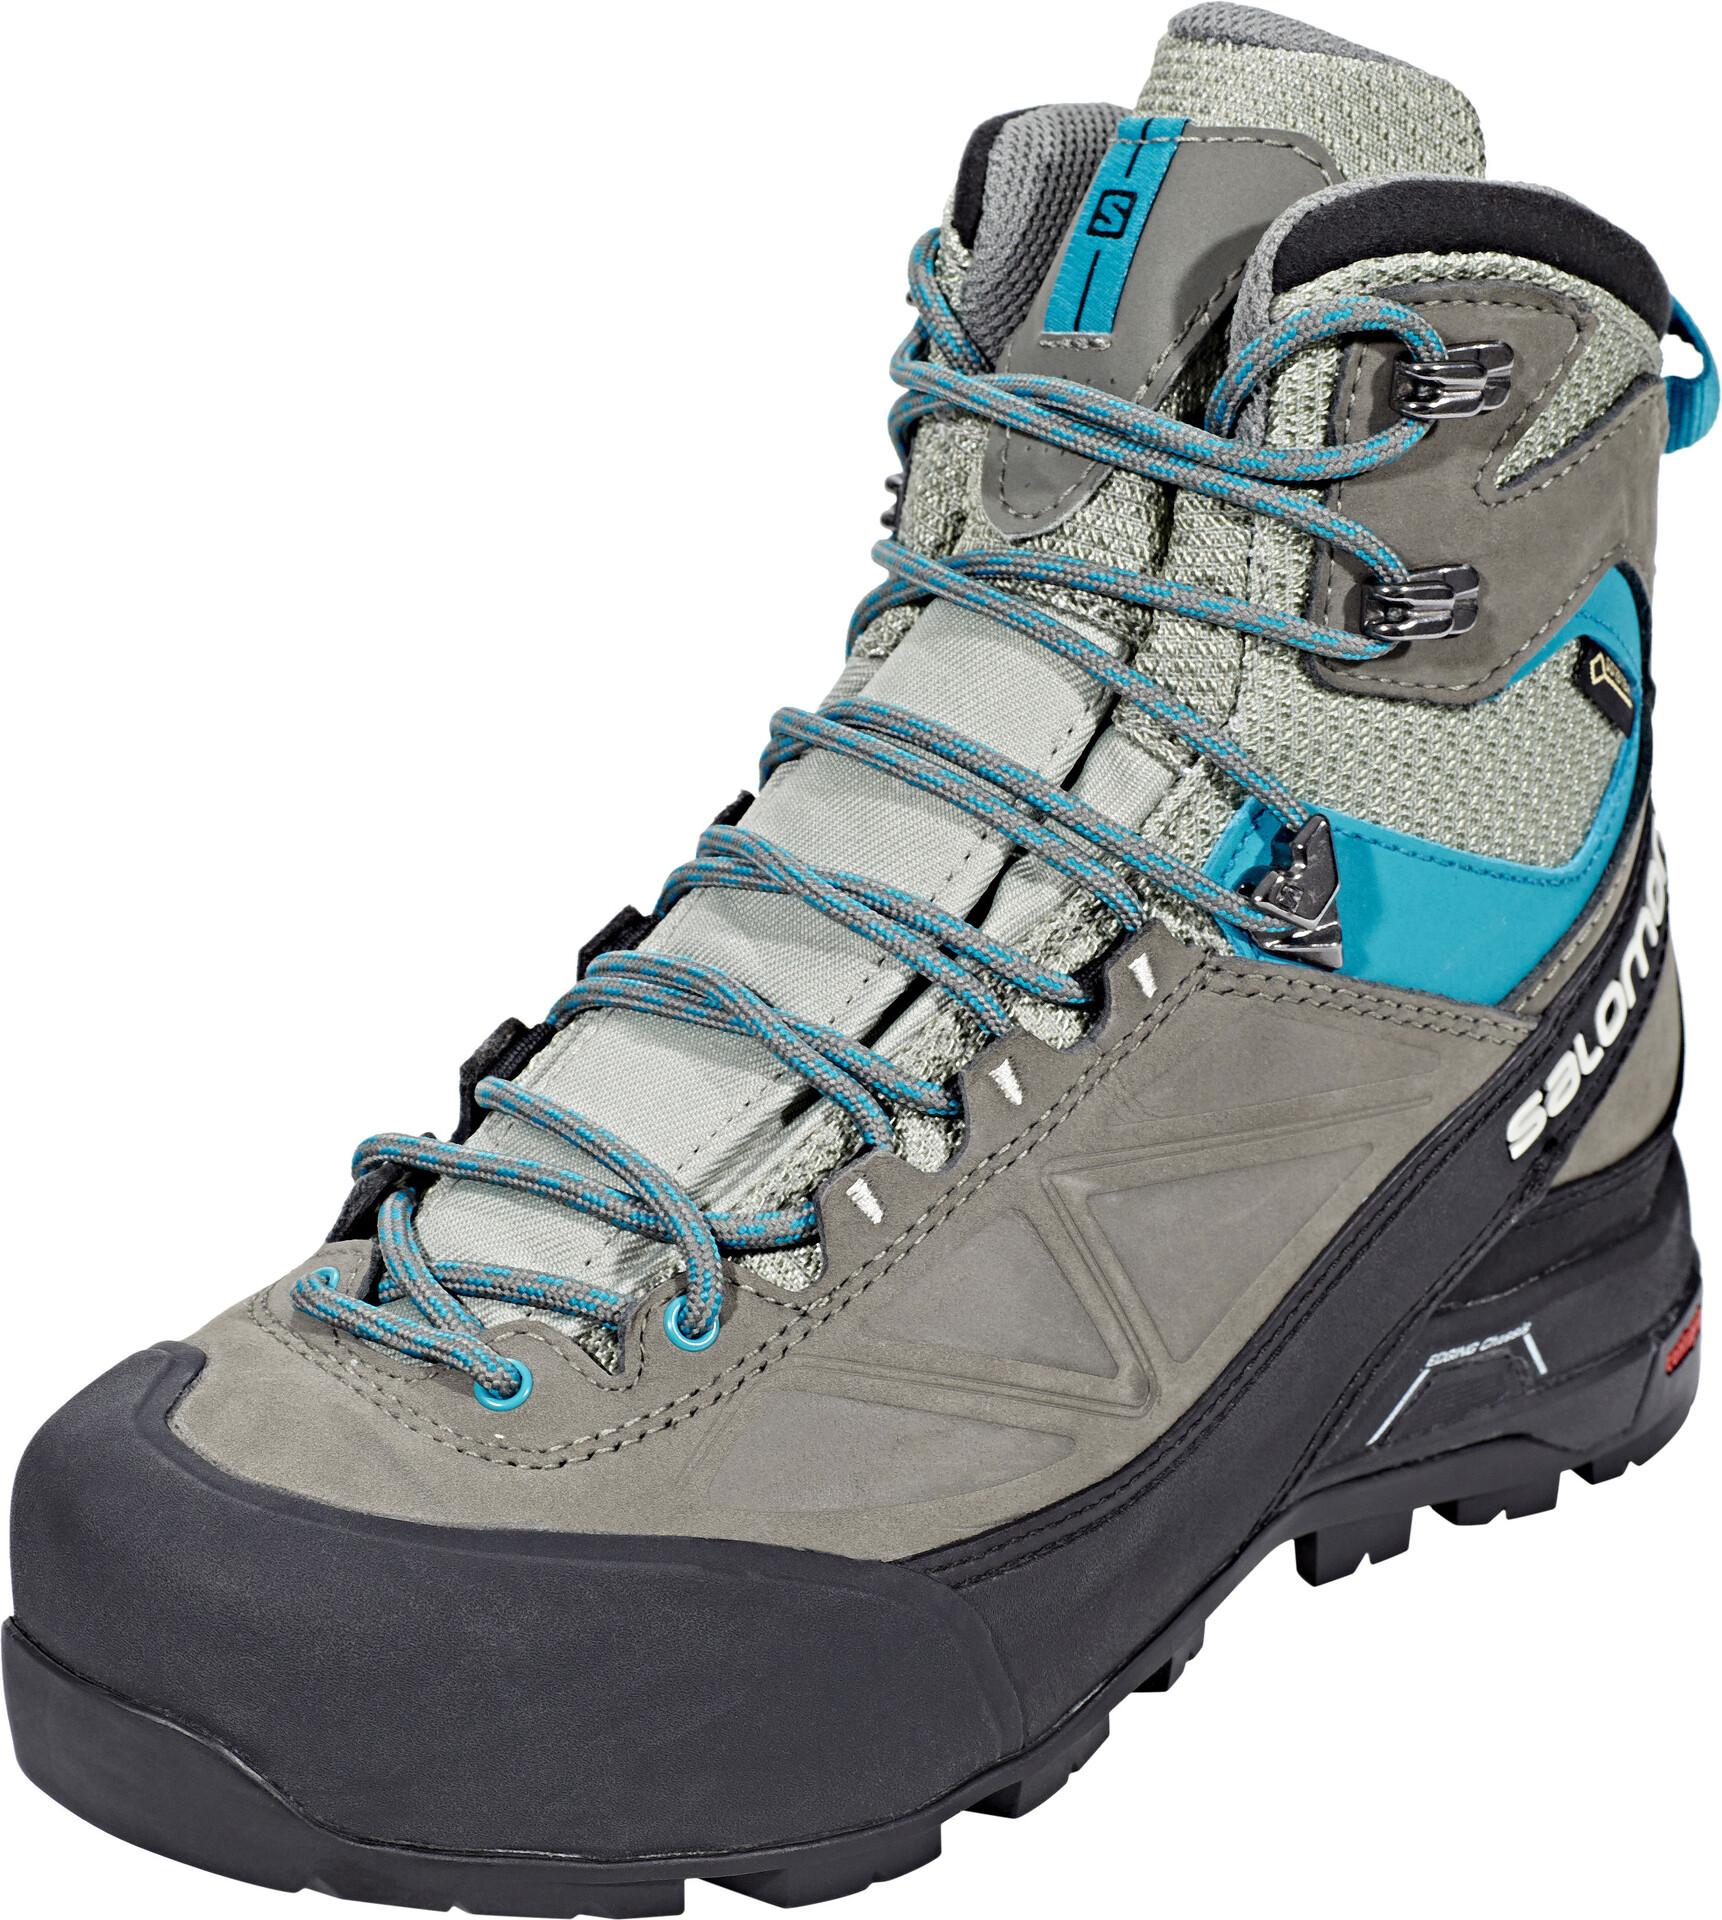 Mountain Alp Salomon Chaussures Campz Sur Gris Femme X Gtx qawwxg6U